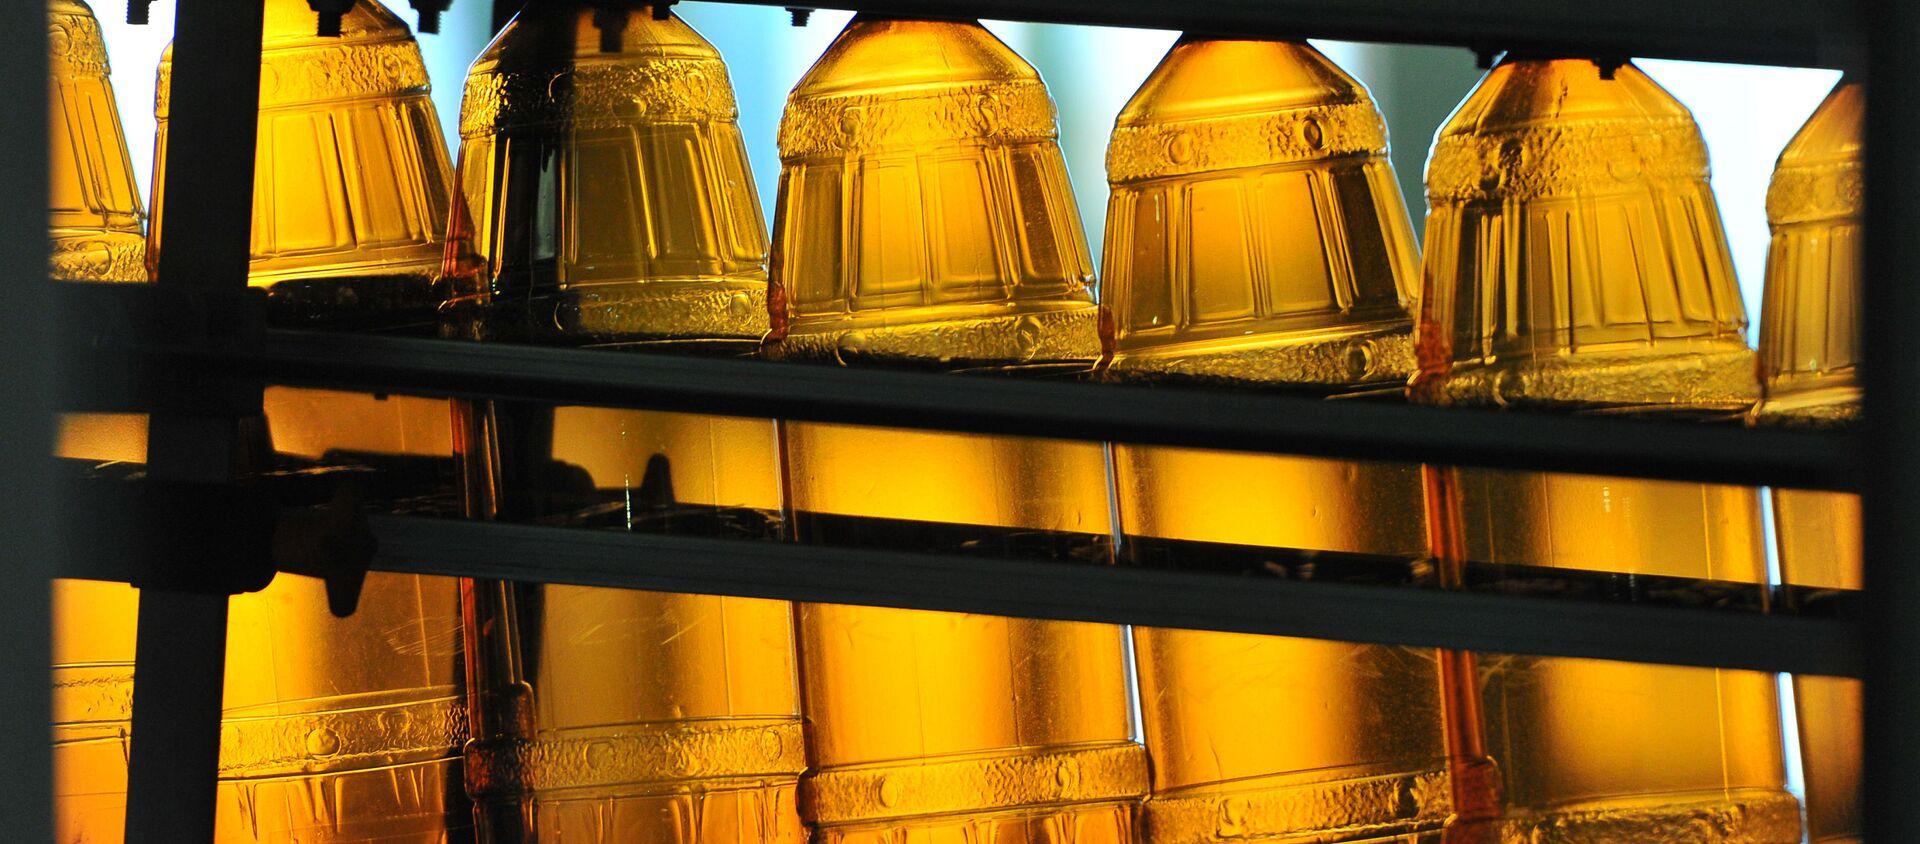 Пластиковые бутылки на линии розлива, архивное фото - Sputnik Беларусь, 1920, 10.06.2021